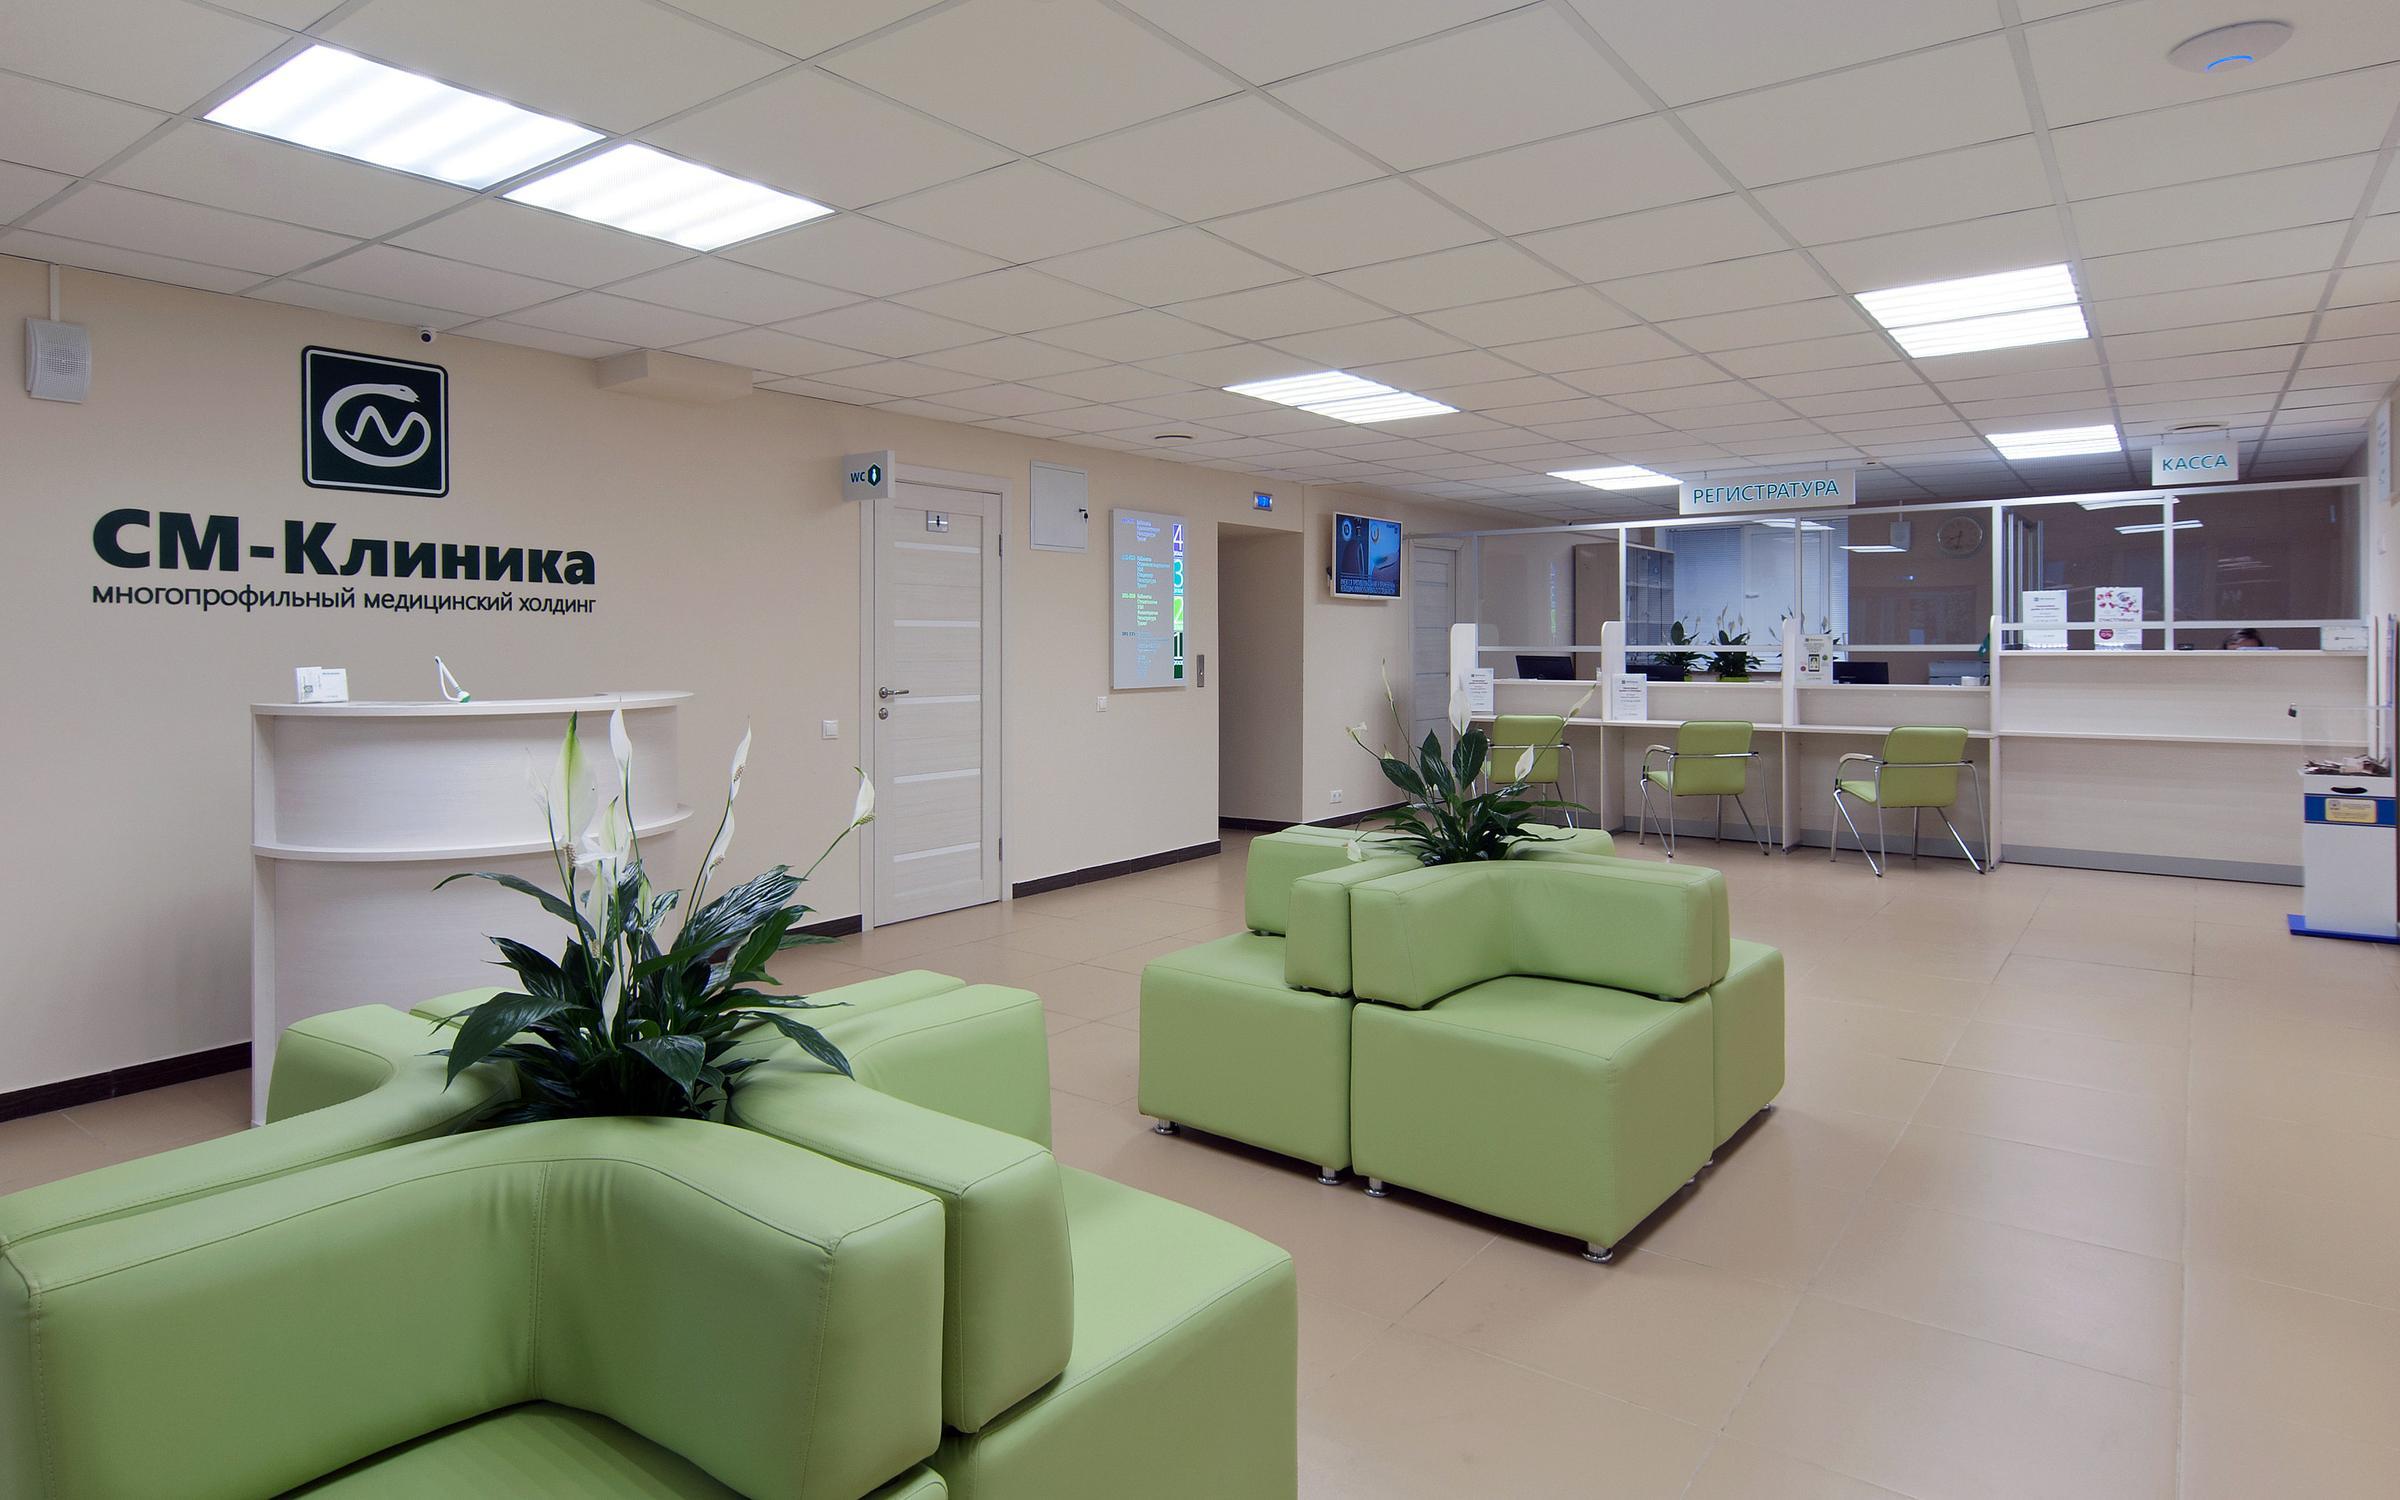 фотография Многопрофильного центра СМ-Клиника на Старопетровском проезде